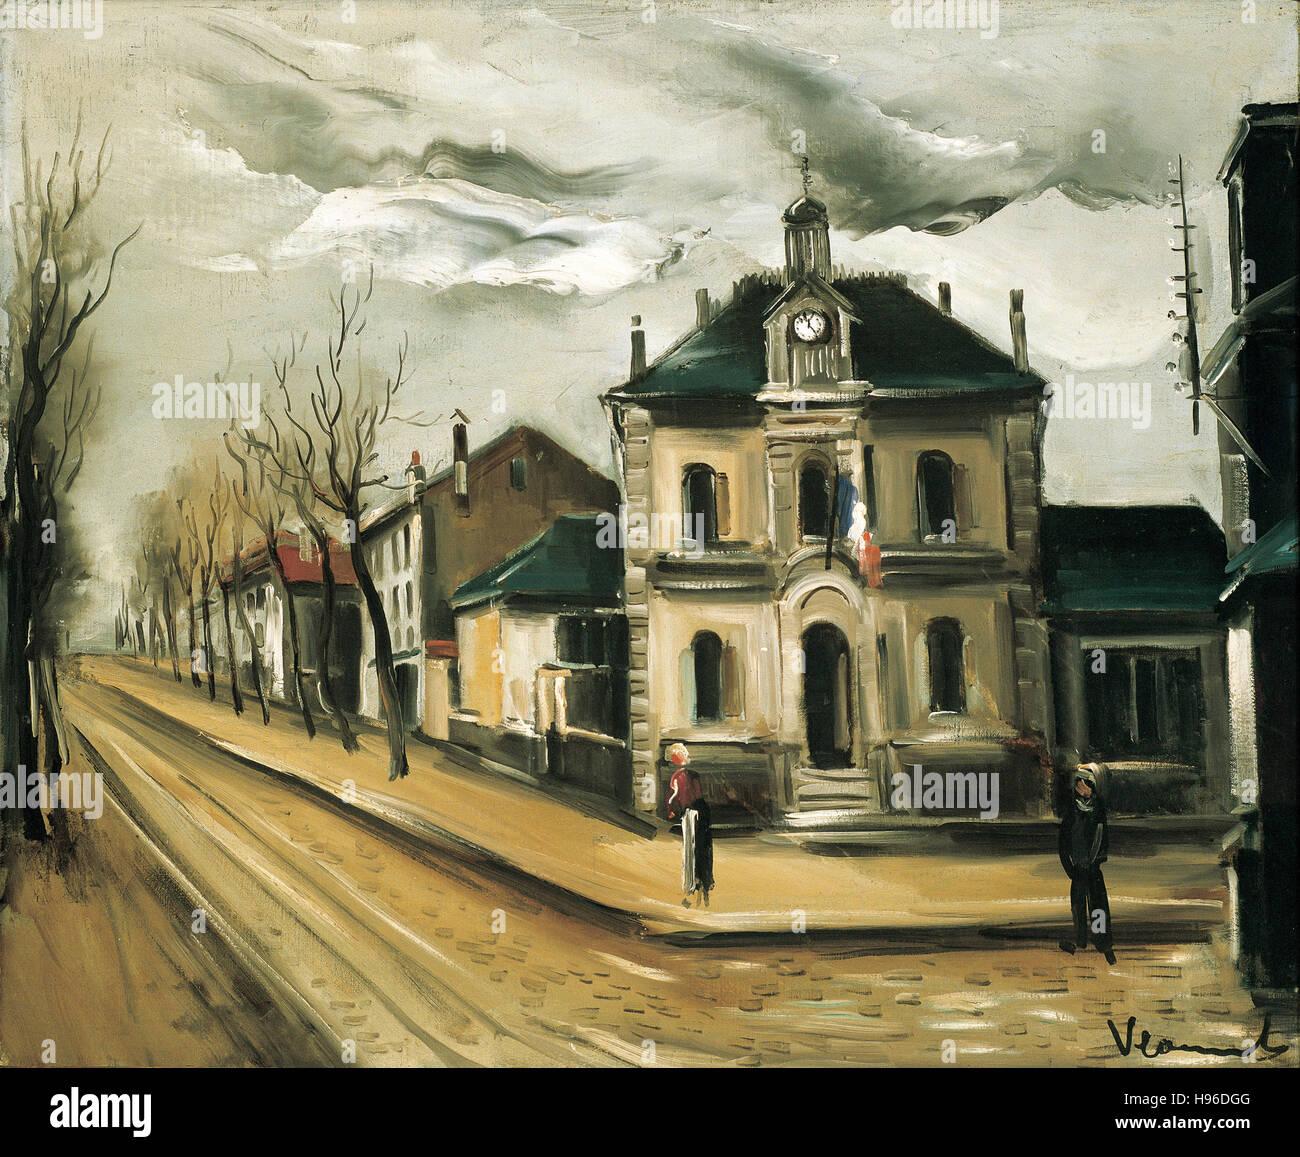 MAURICE DE VLAMINCK - Place de la Mairie -  1919 - Stock Image